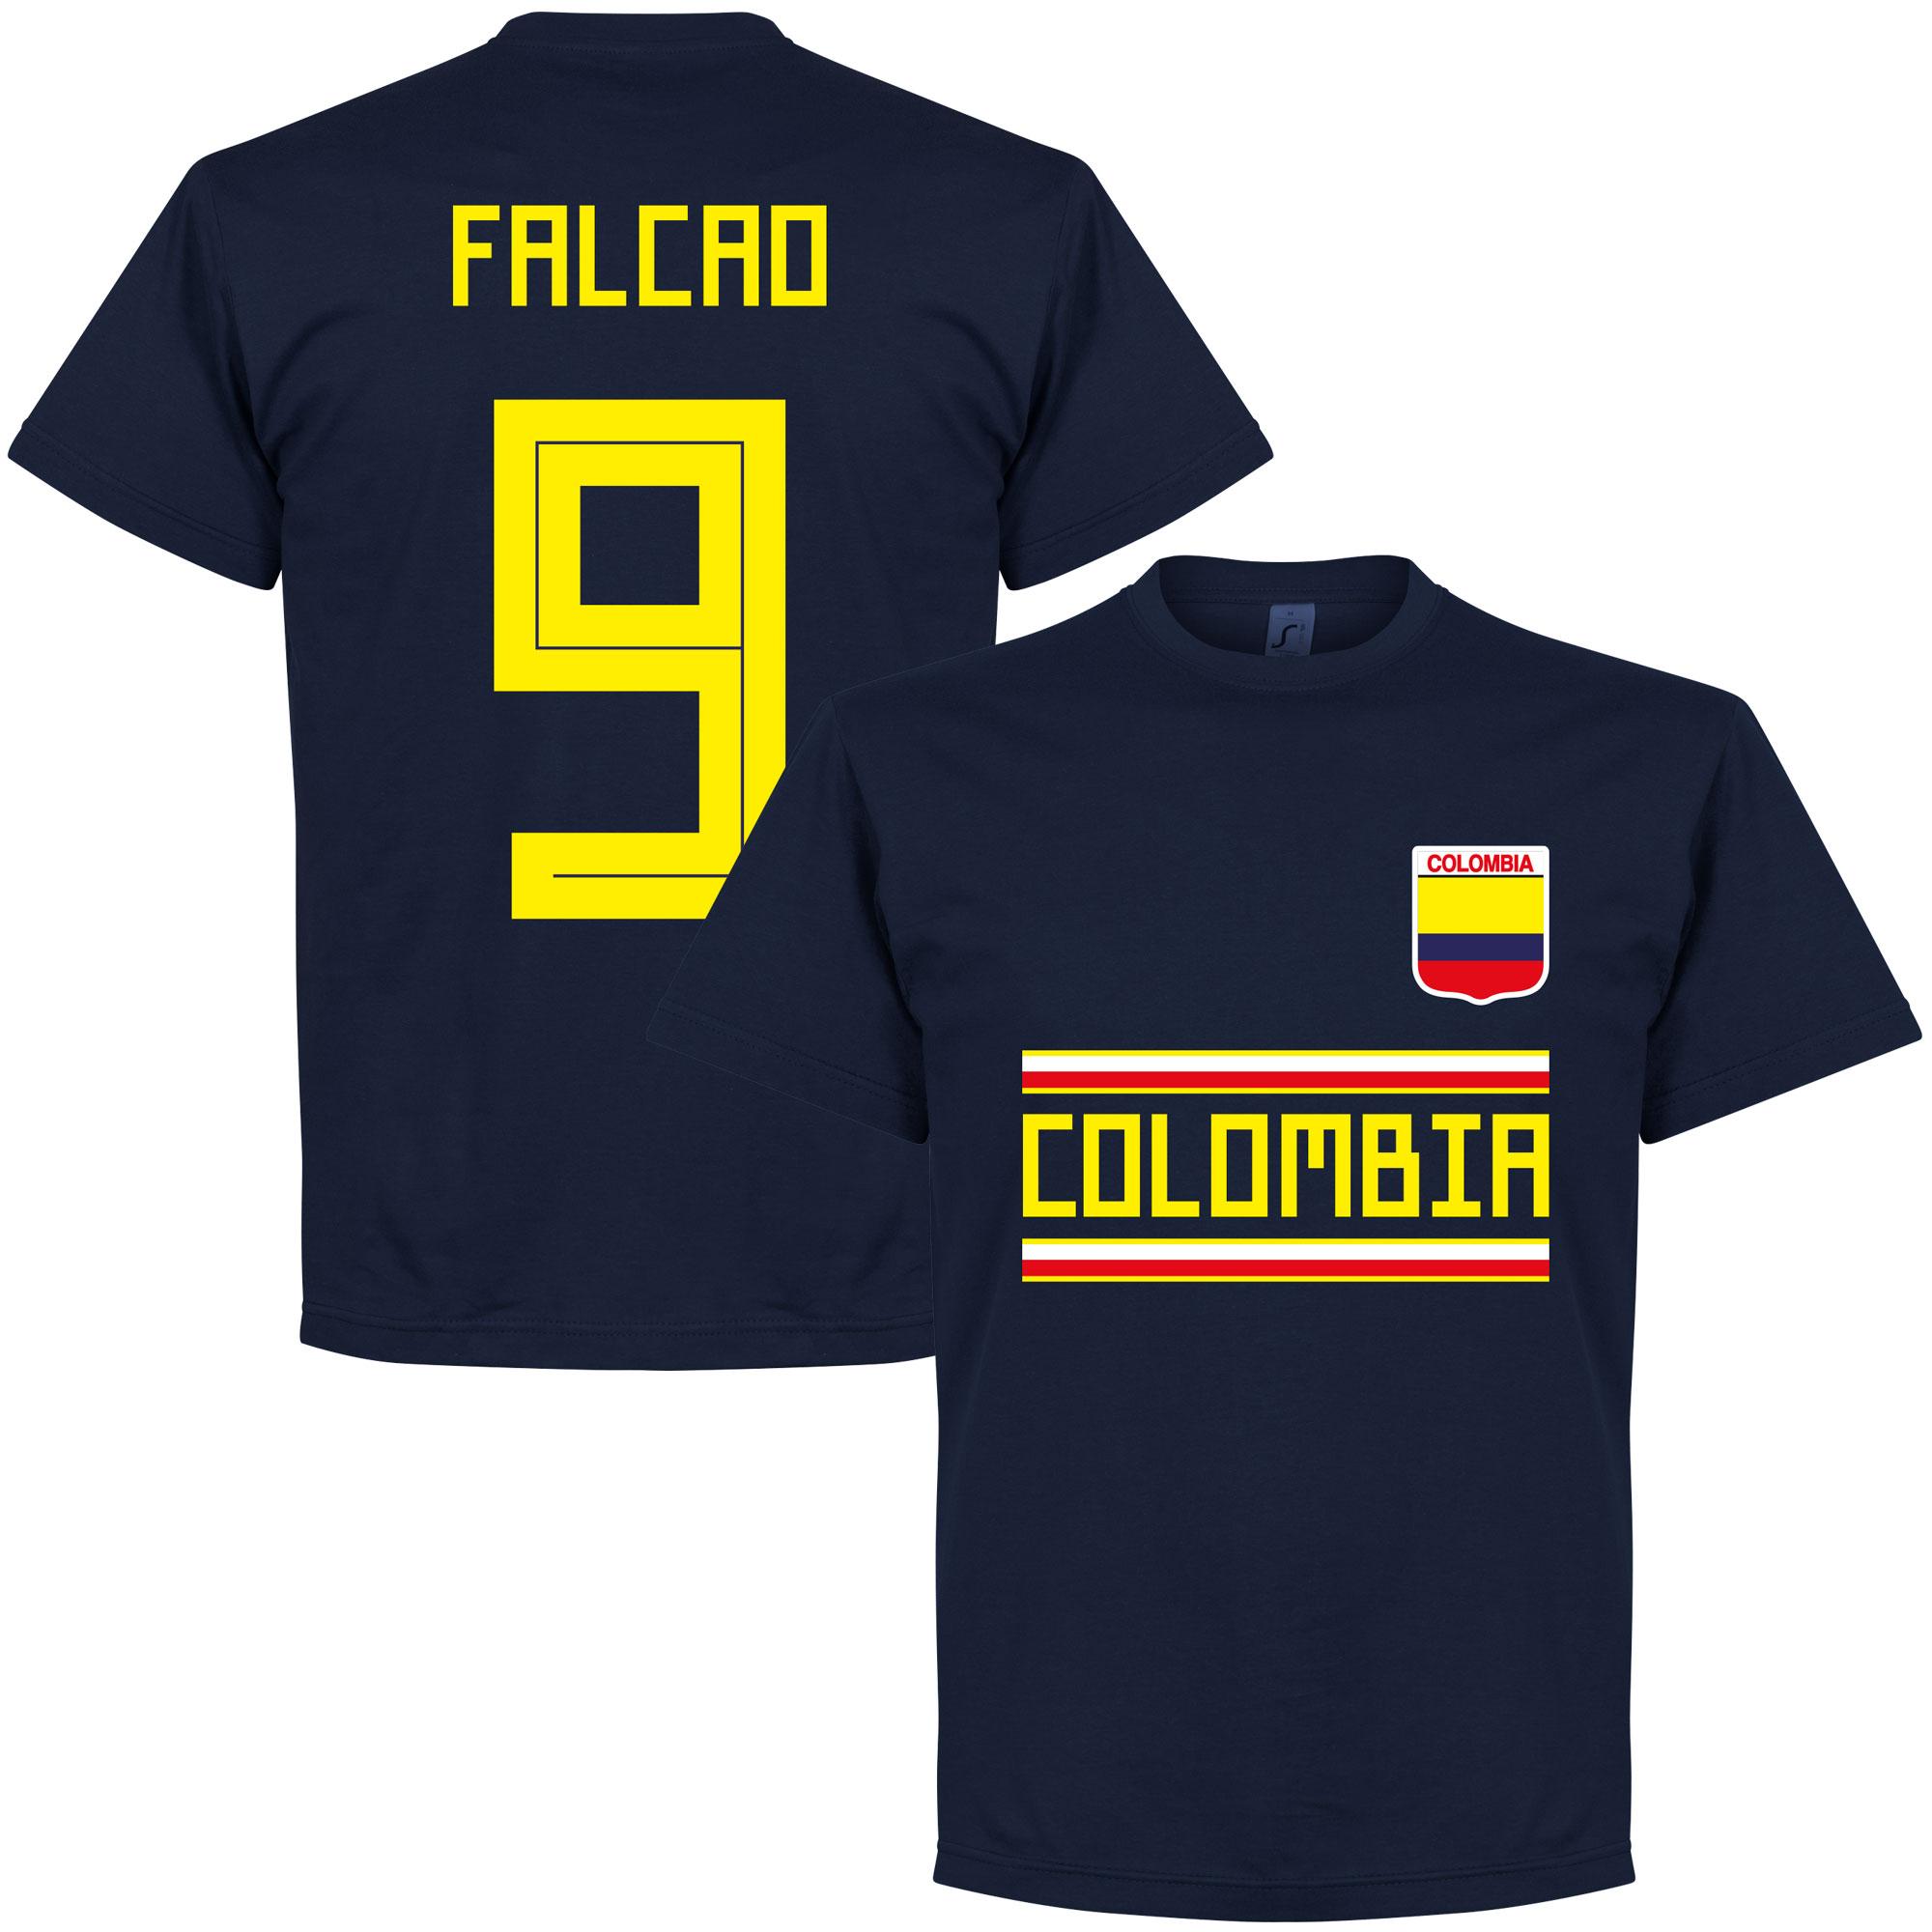 Colombia Falcao 9 Team Tee - Navy - S